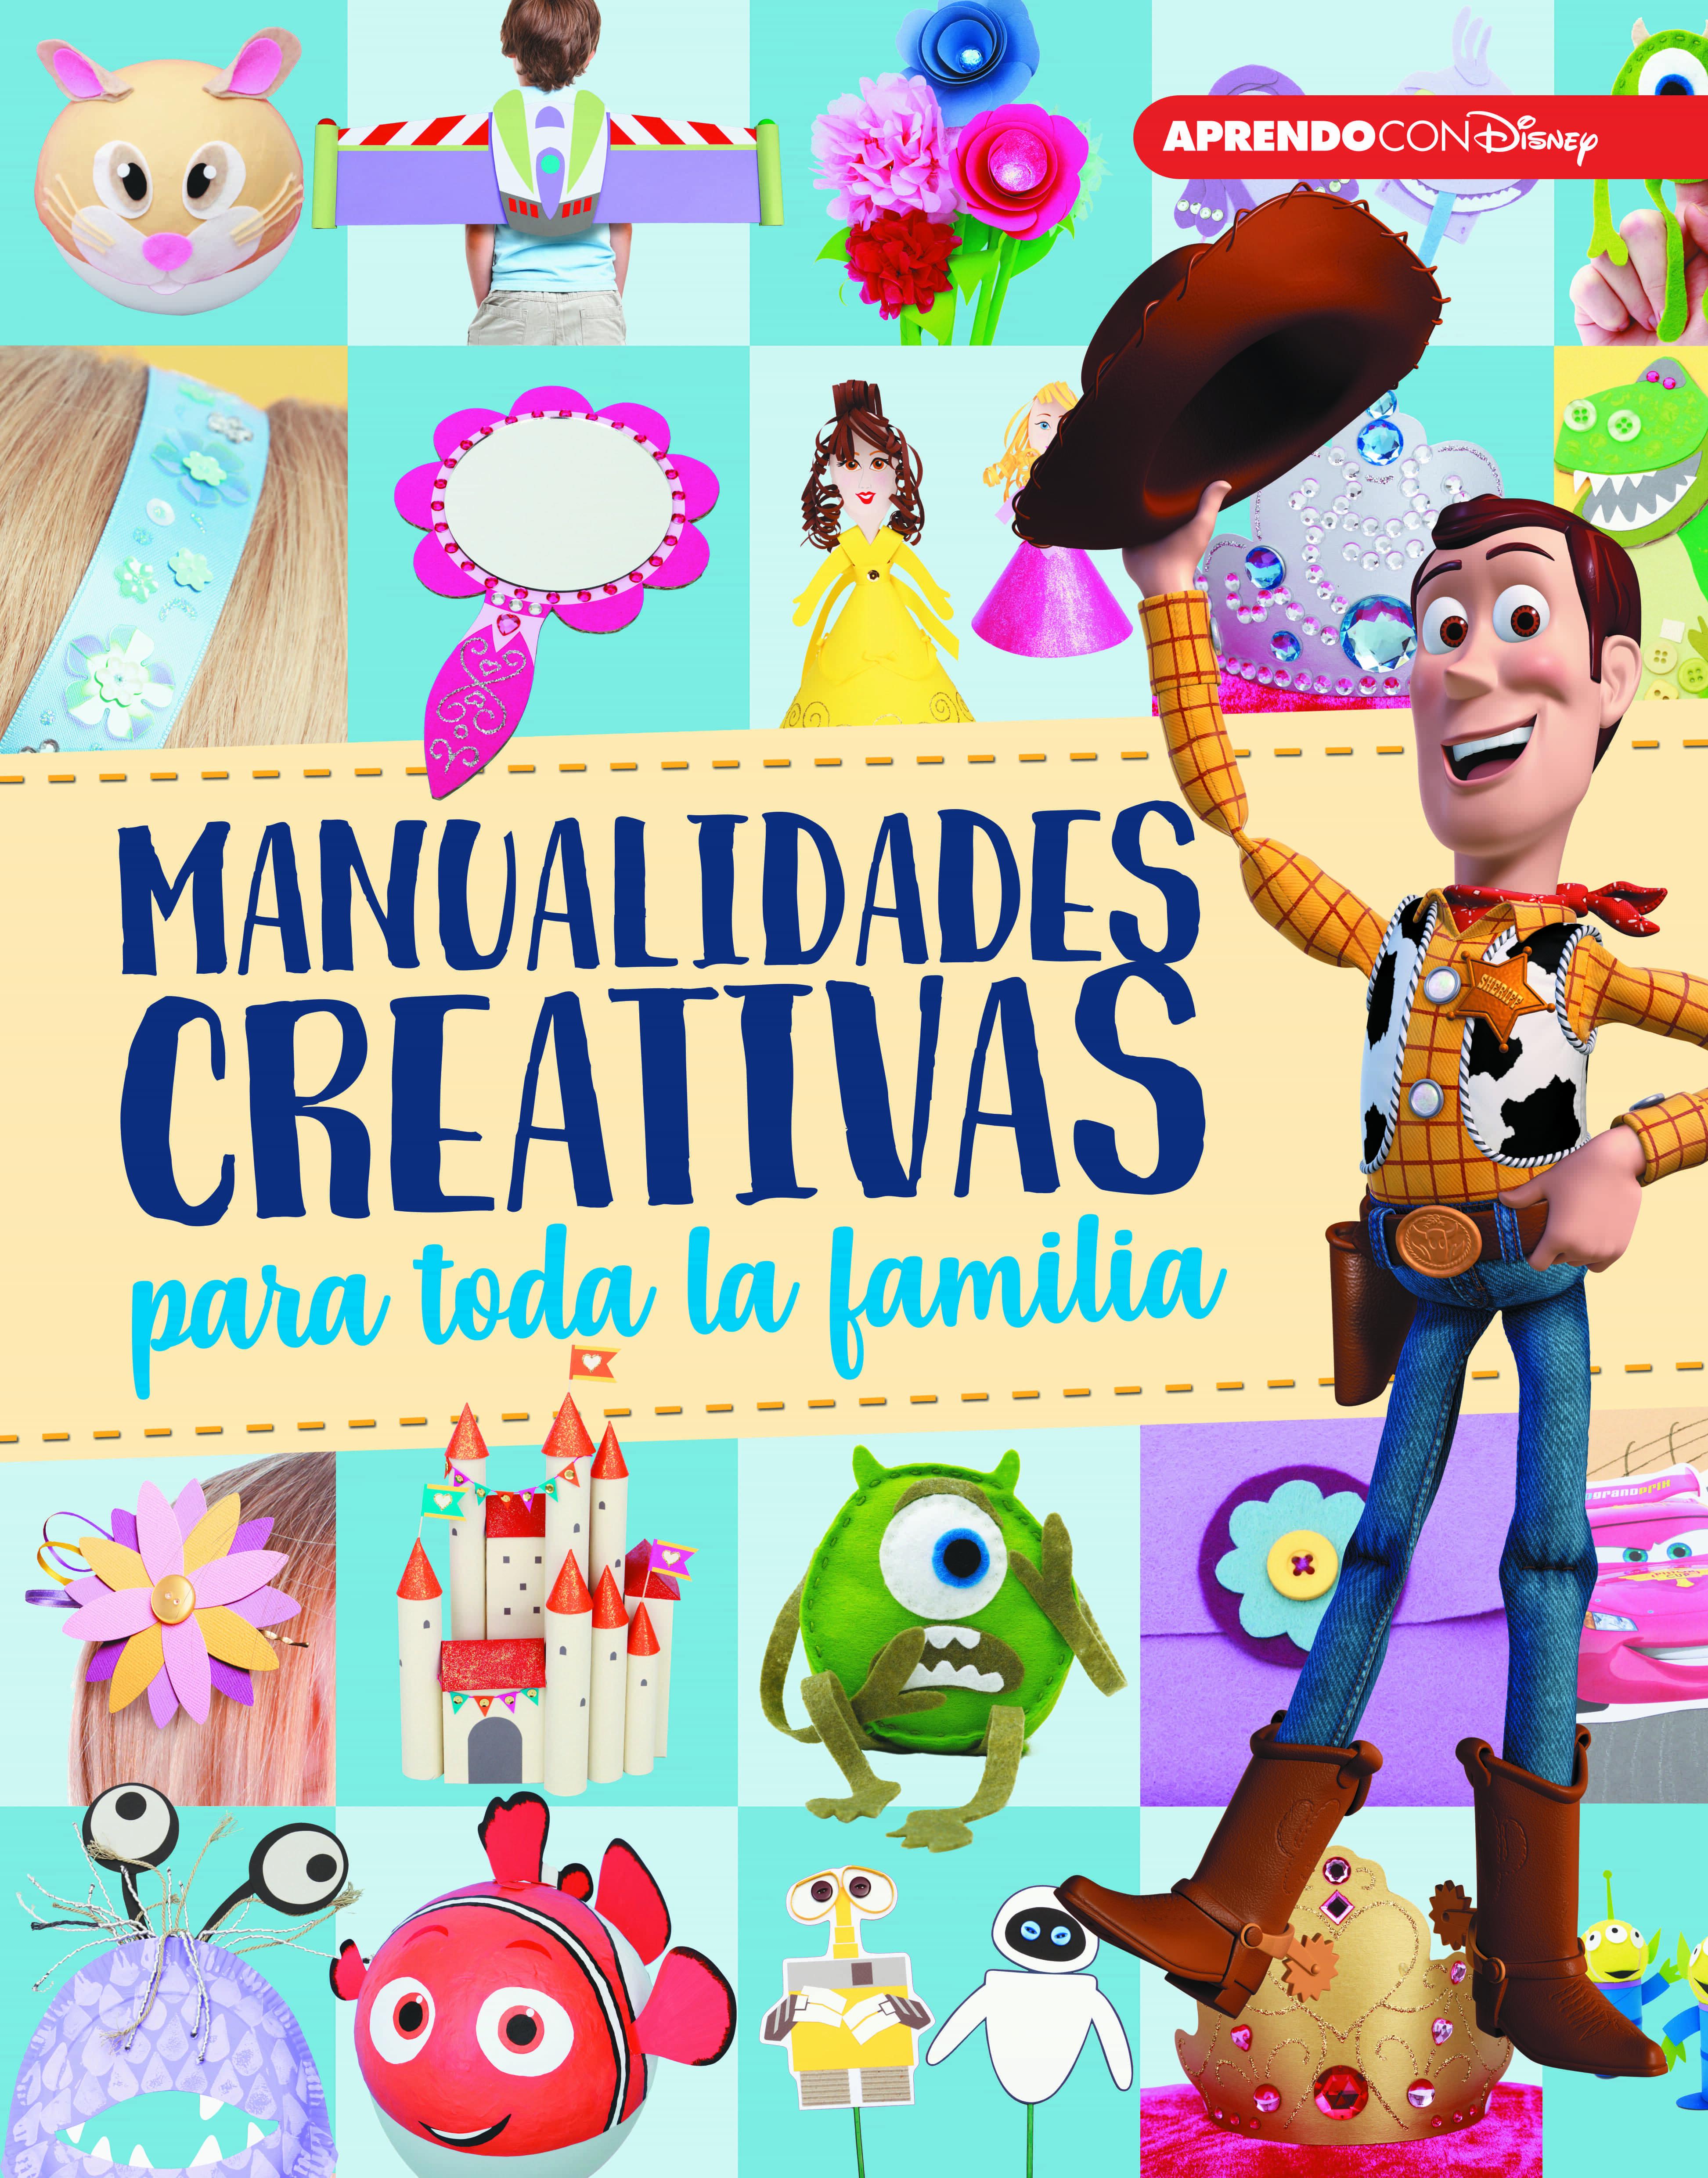 Manualidades Creativas Para Toda La Familia (crea, Juega Y Aprende Con Disney) por Vv.aa.